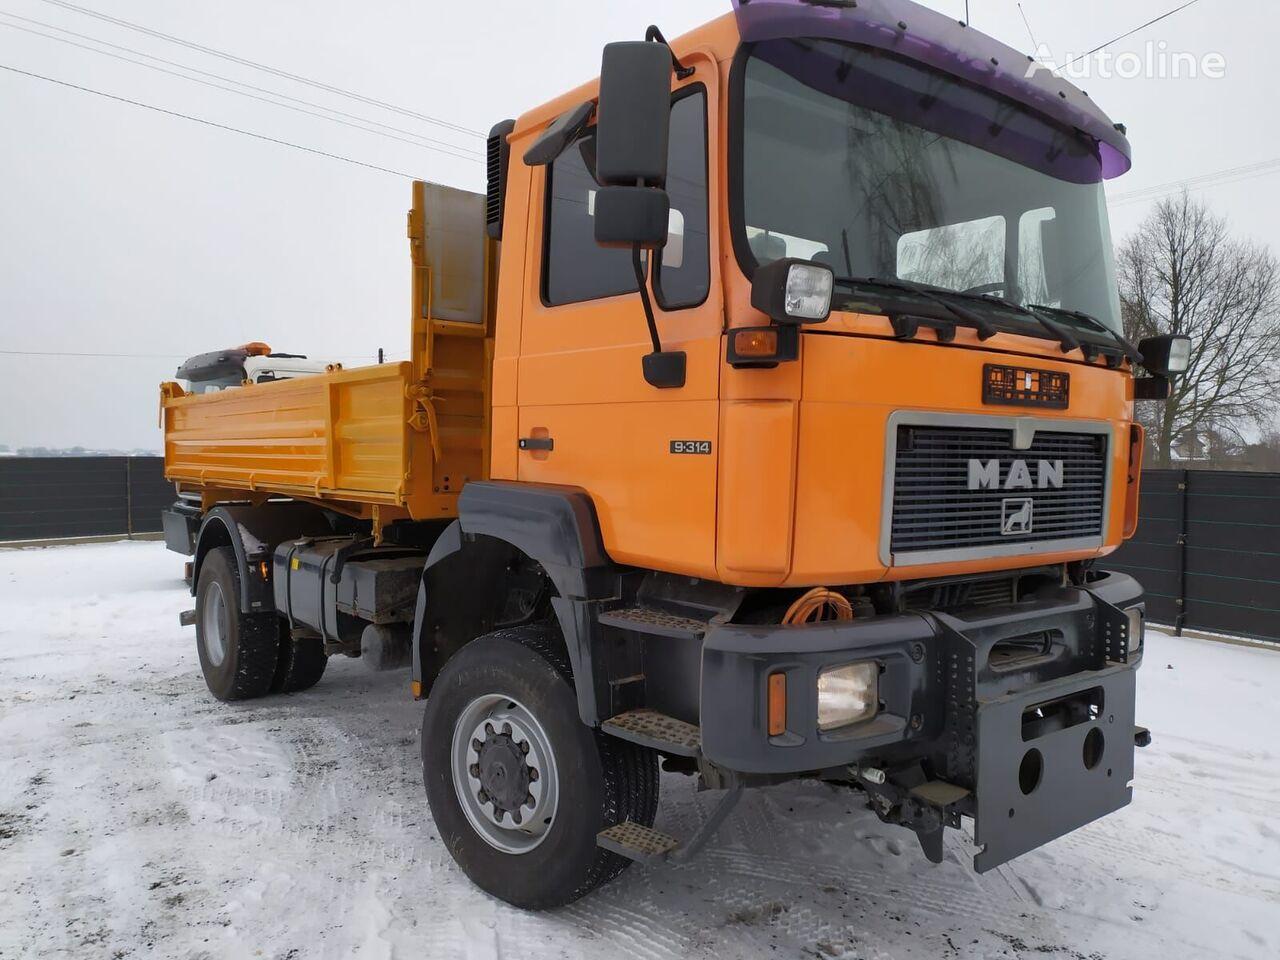 MAN F2000 4x4 dump truck